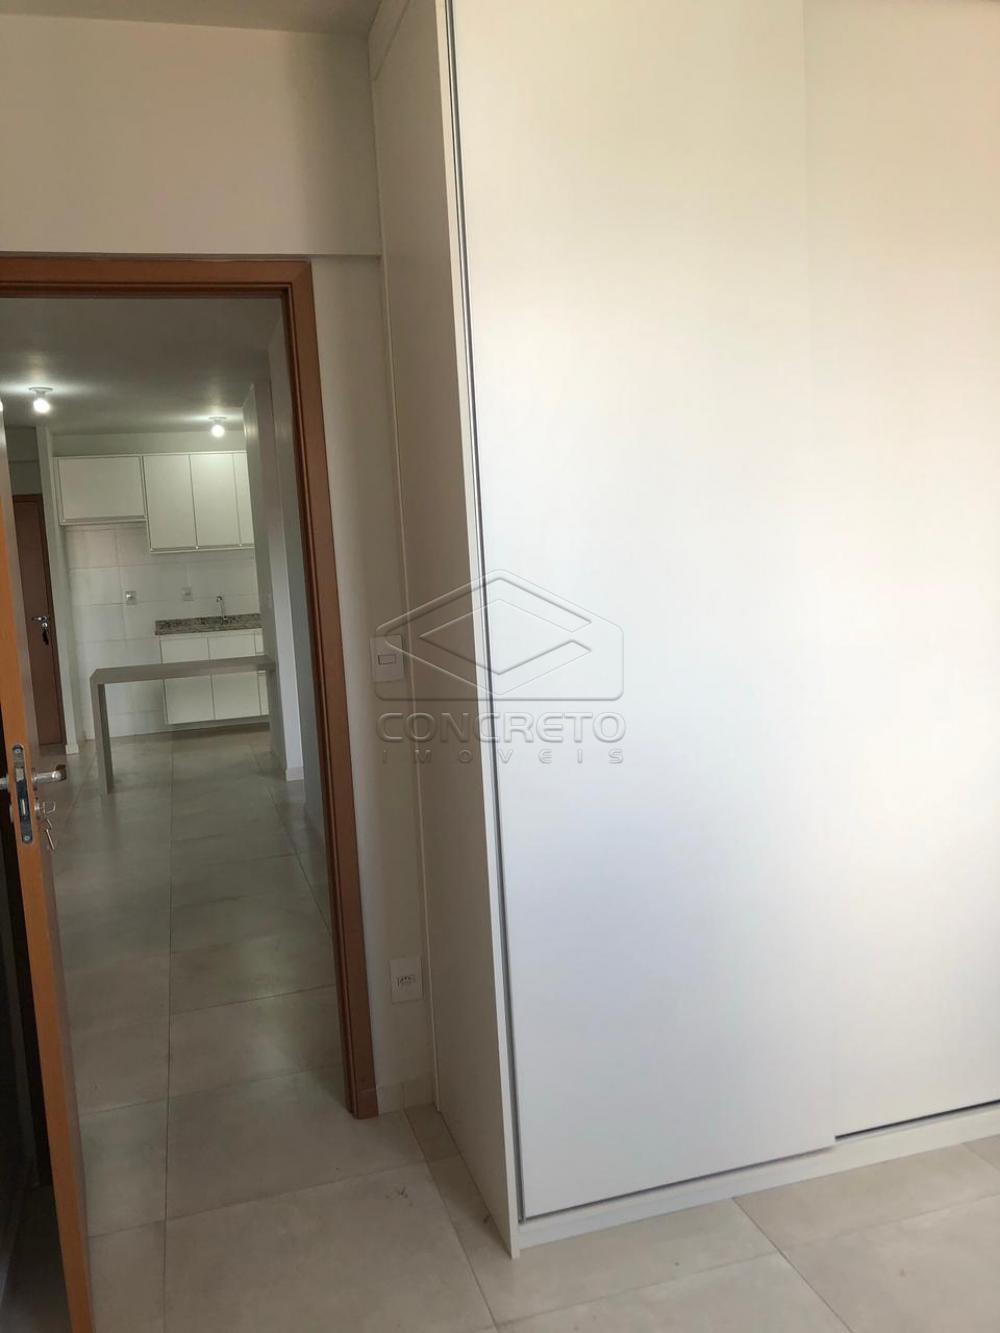 Alugar Apartamento / Padrão em Bauru apenas R$ 1.000,00 - Foto 14